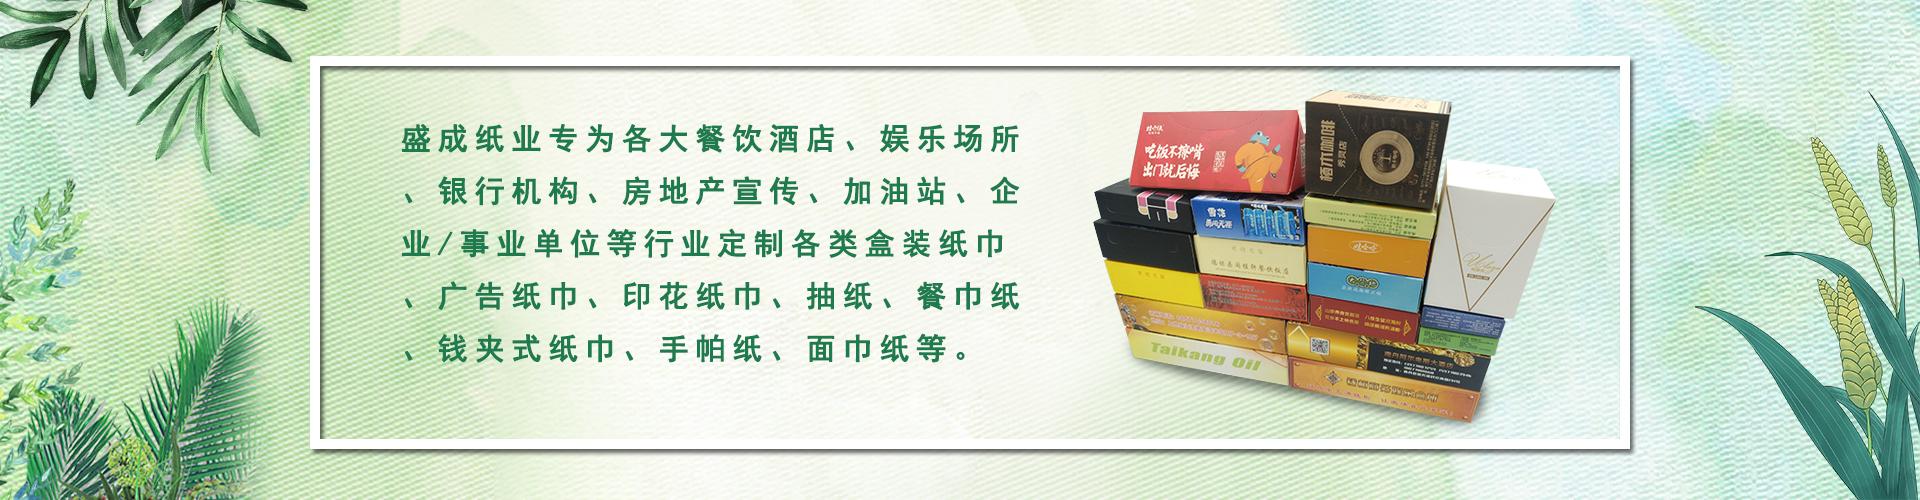 广西盒装纸巾定制